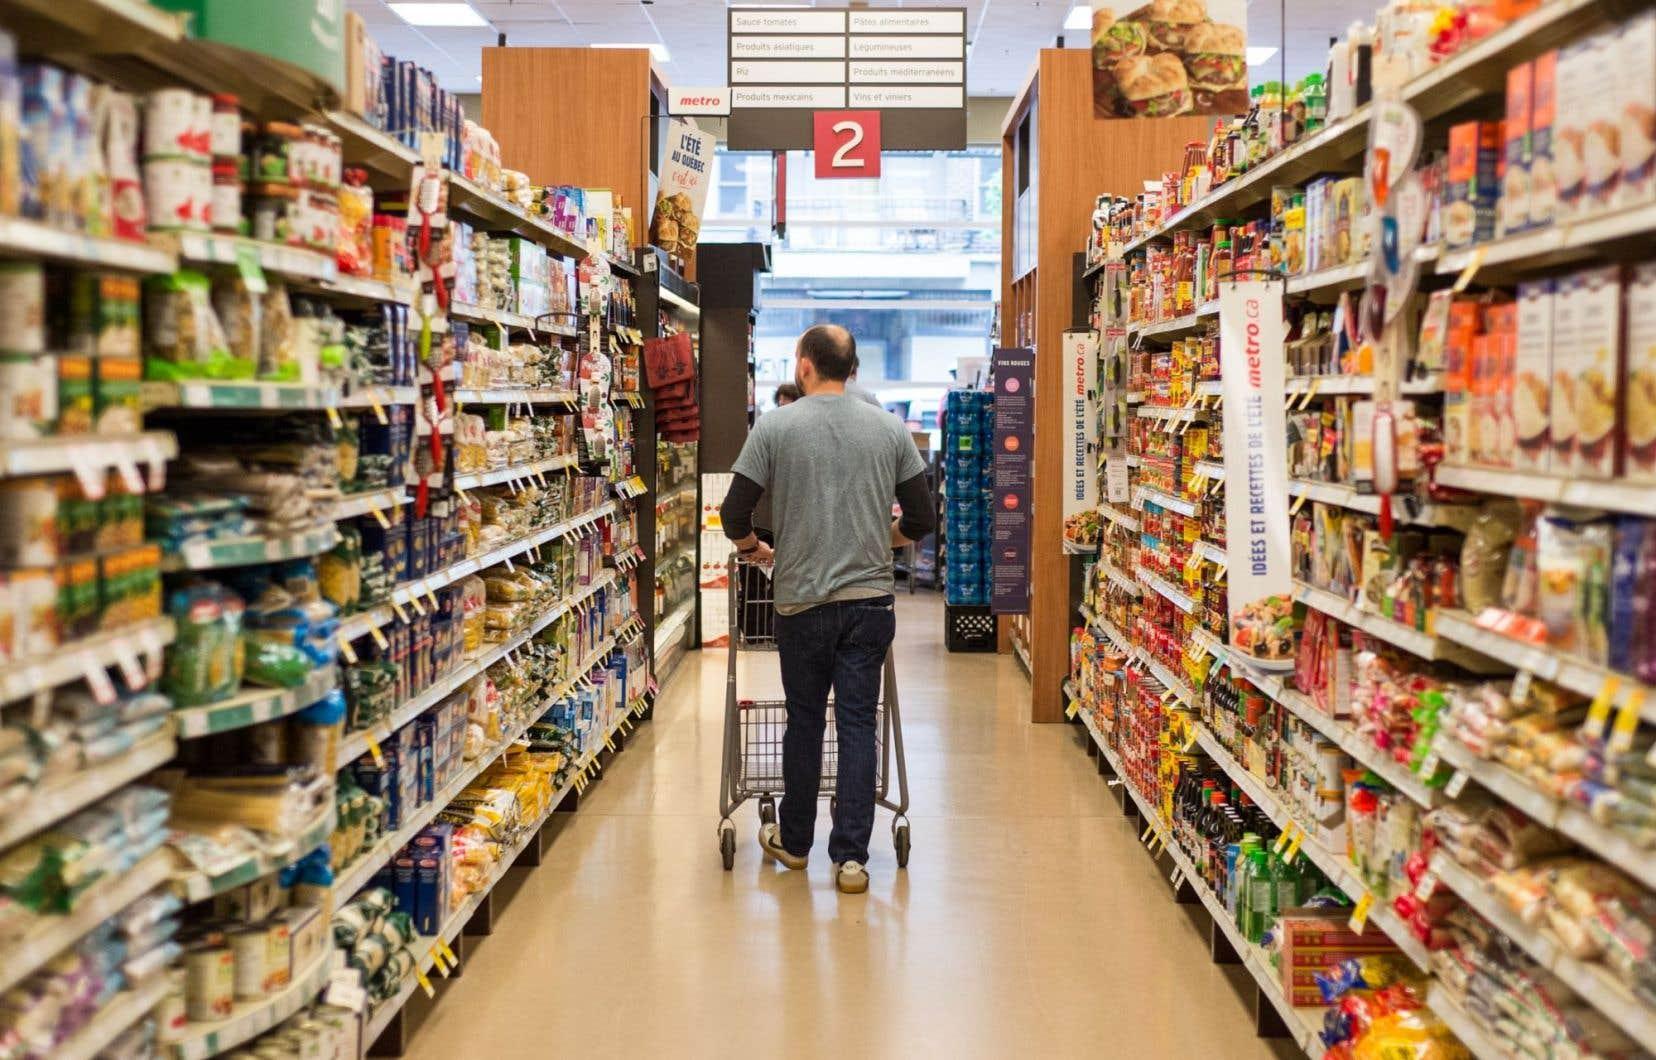 Ce sont les produits alimentaires provenant d'outremer qui suscitent davantage d'inquiétude.